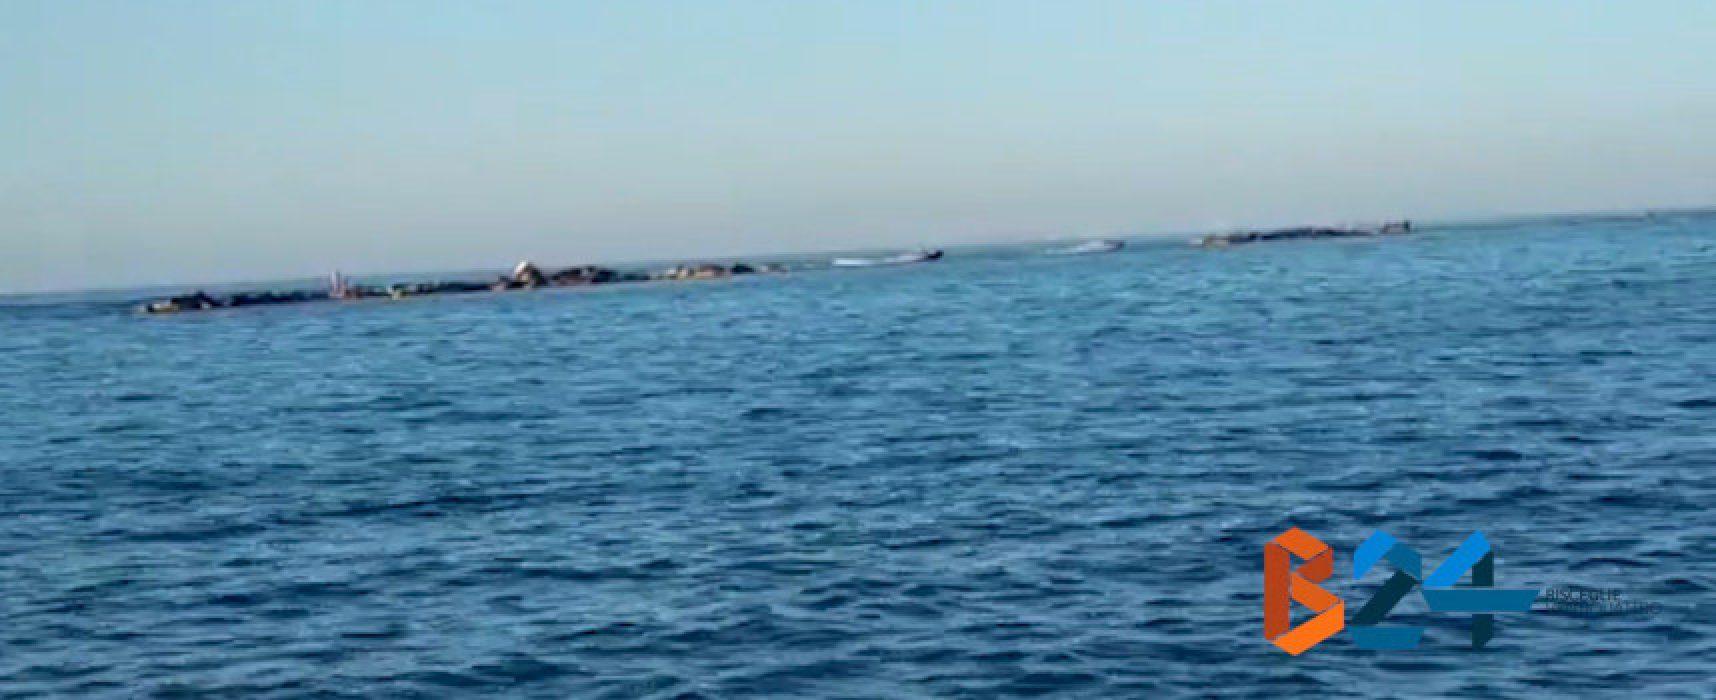 Moto d'acqua sfrecciano sotto costa sul lungomare di ponente / VIDEO